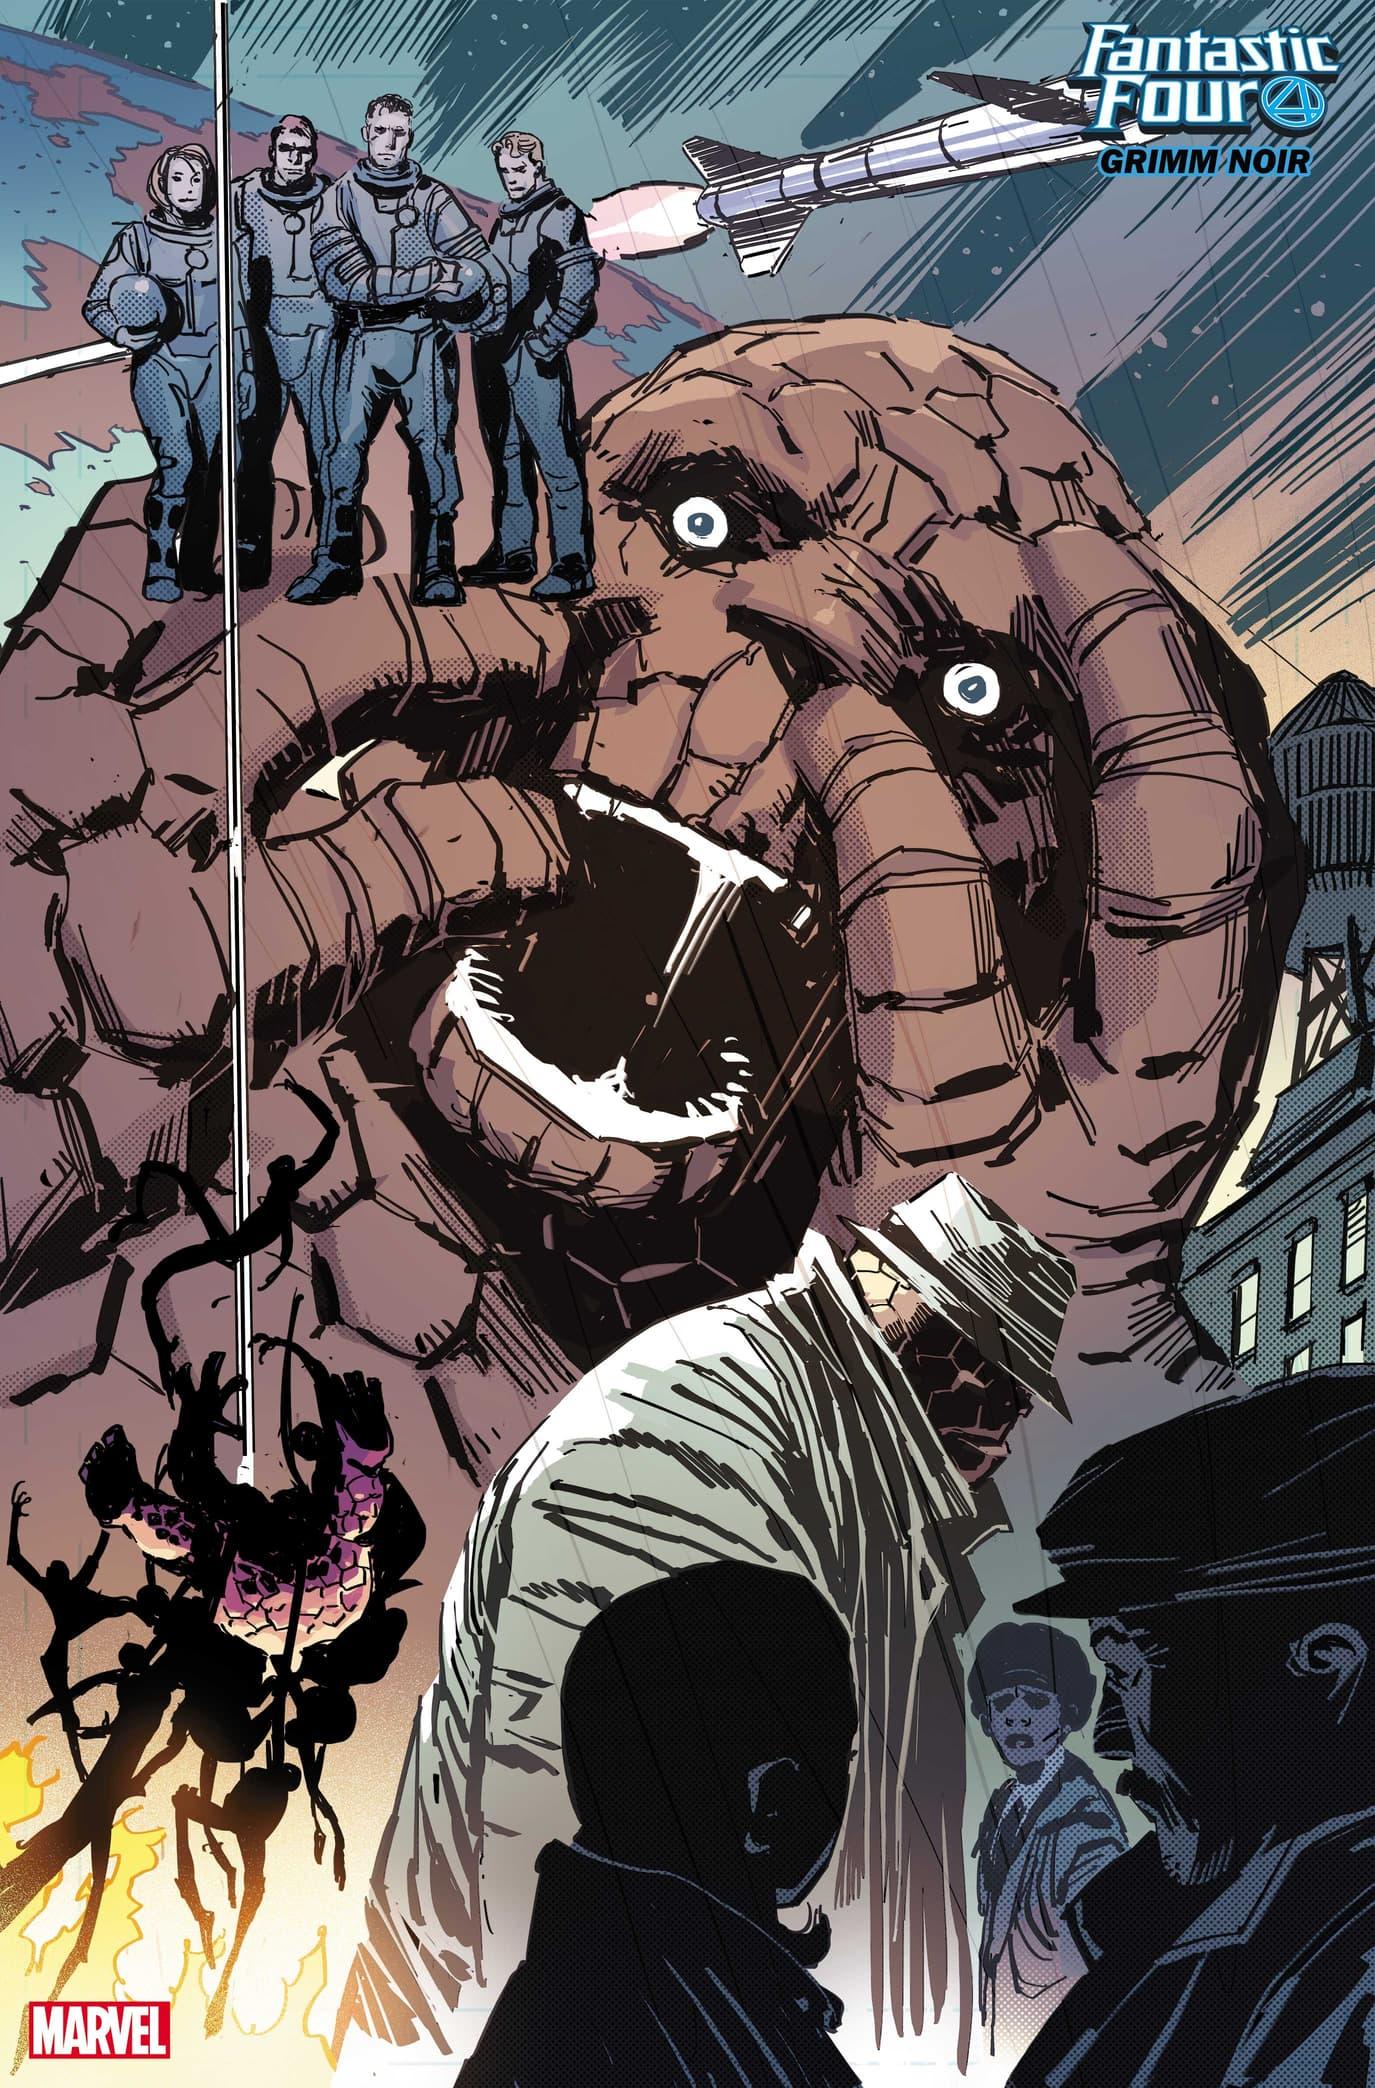 Fantastic Four: Grimm Noir